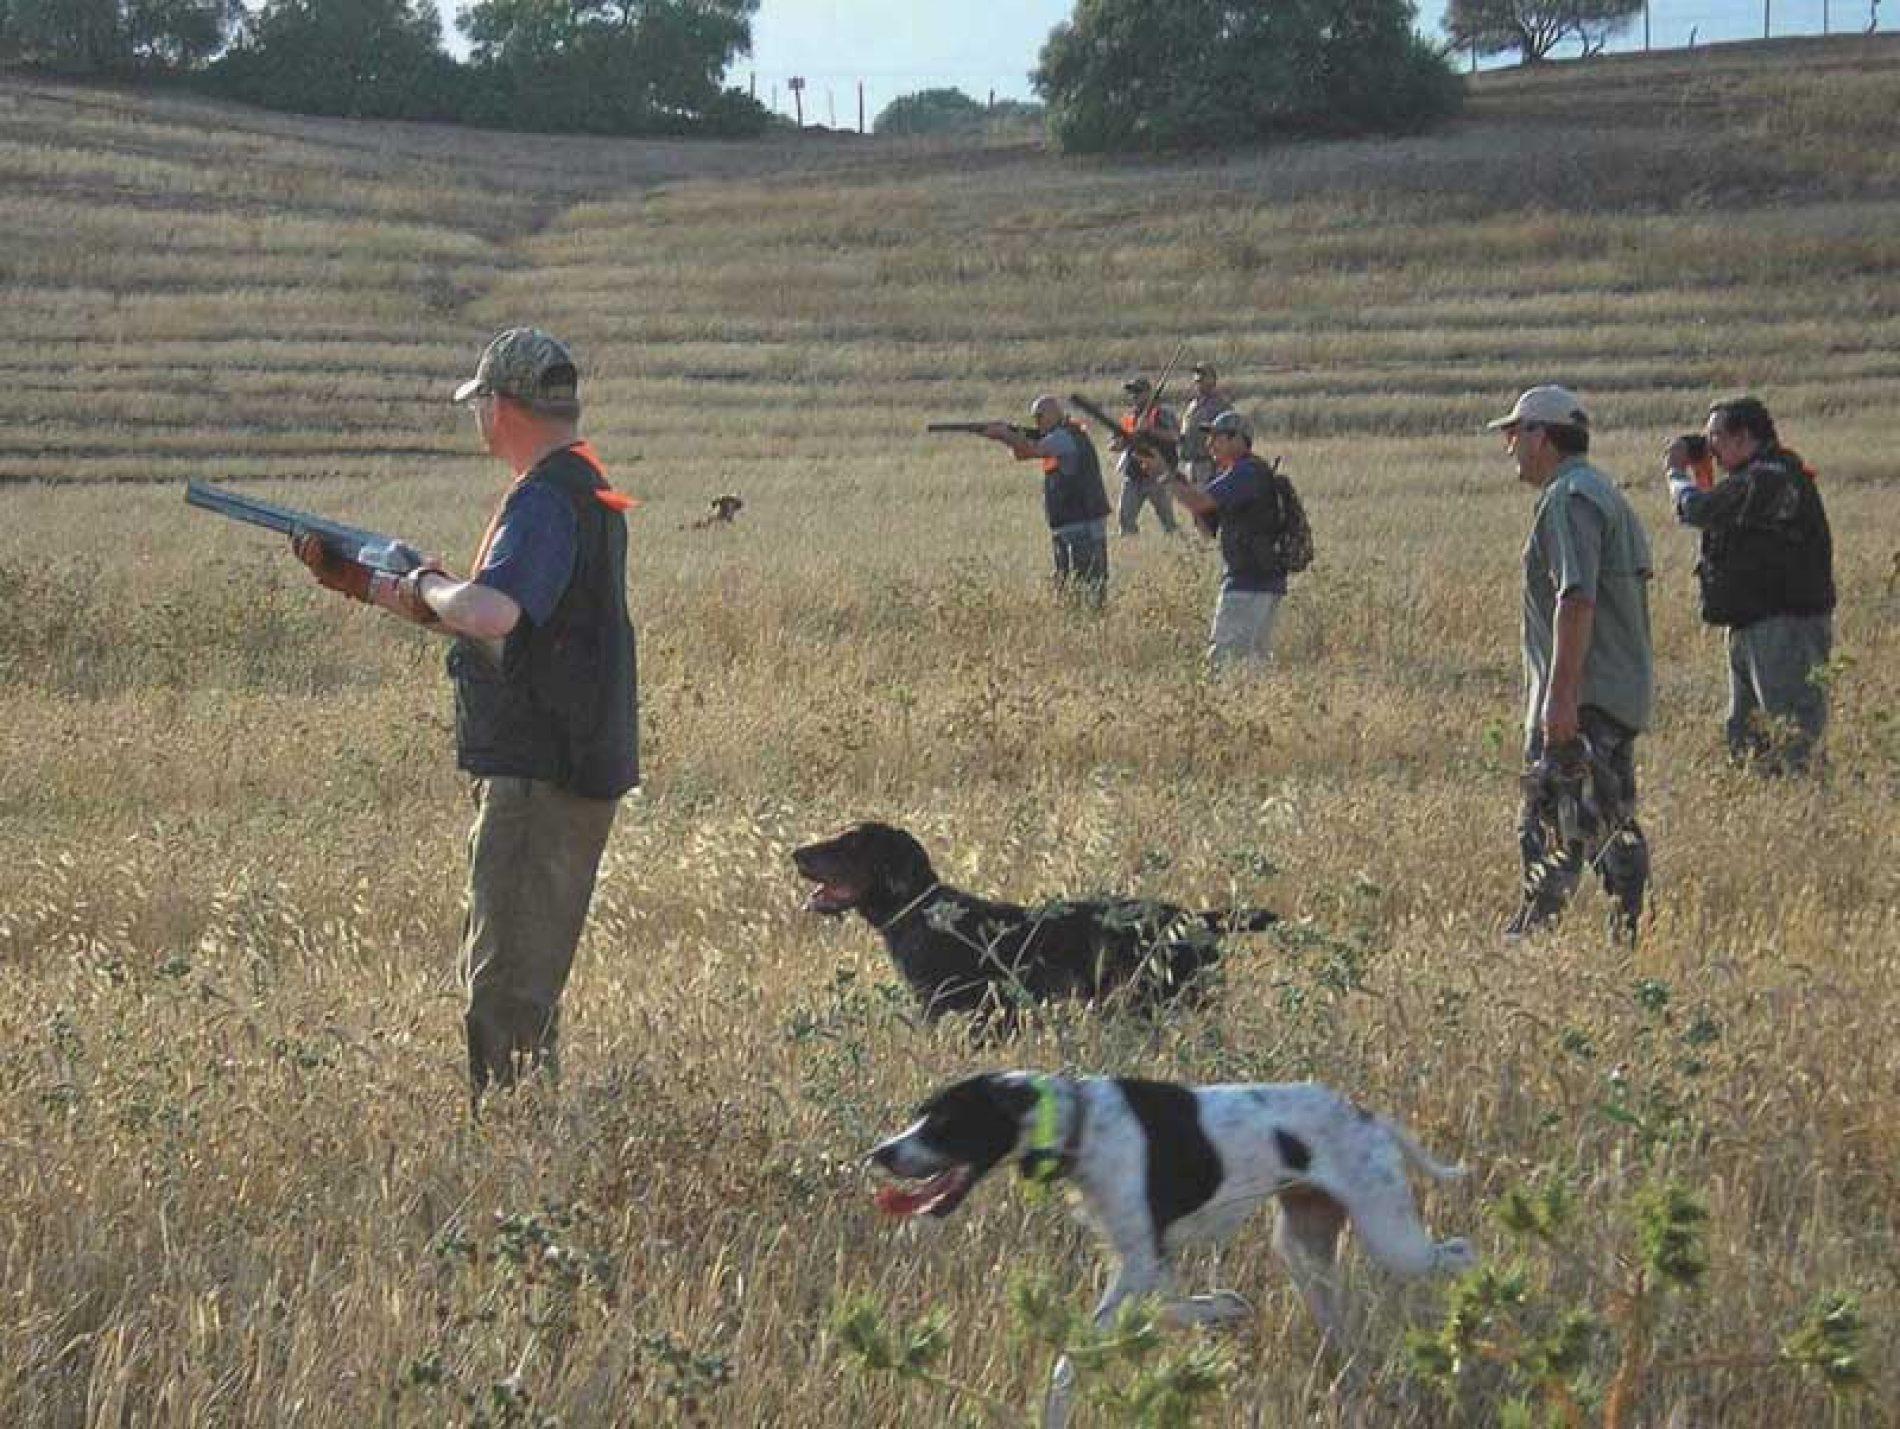 Cómo evitar accidentes cazando, en mano, al salto o desde puesto fijo